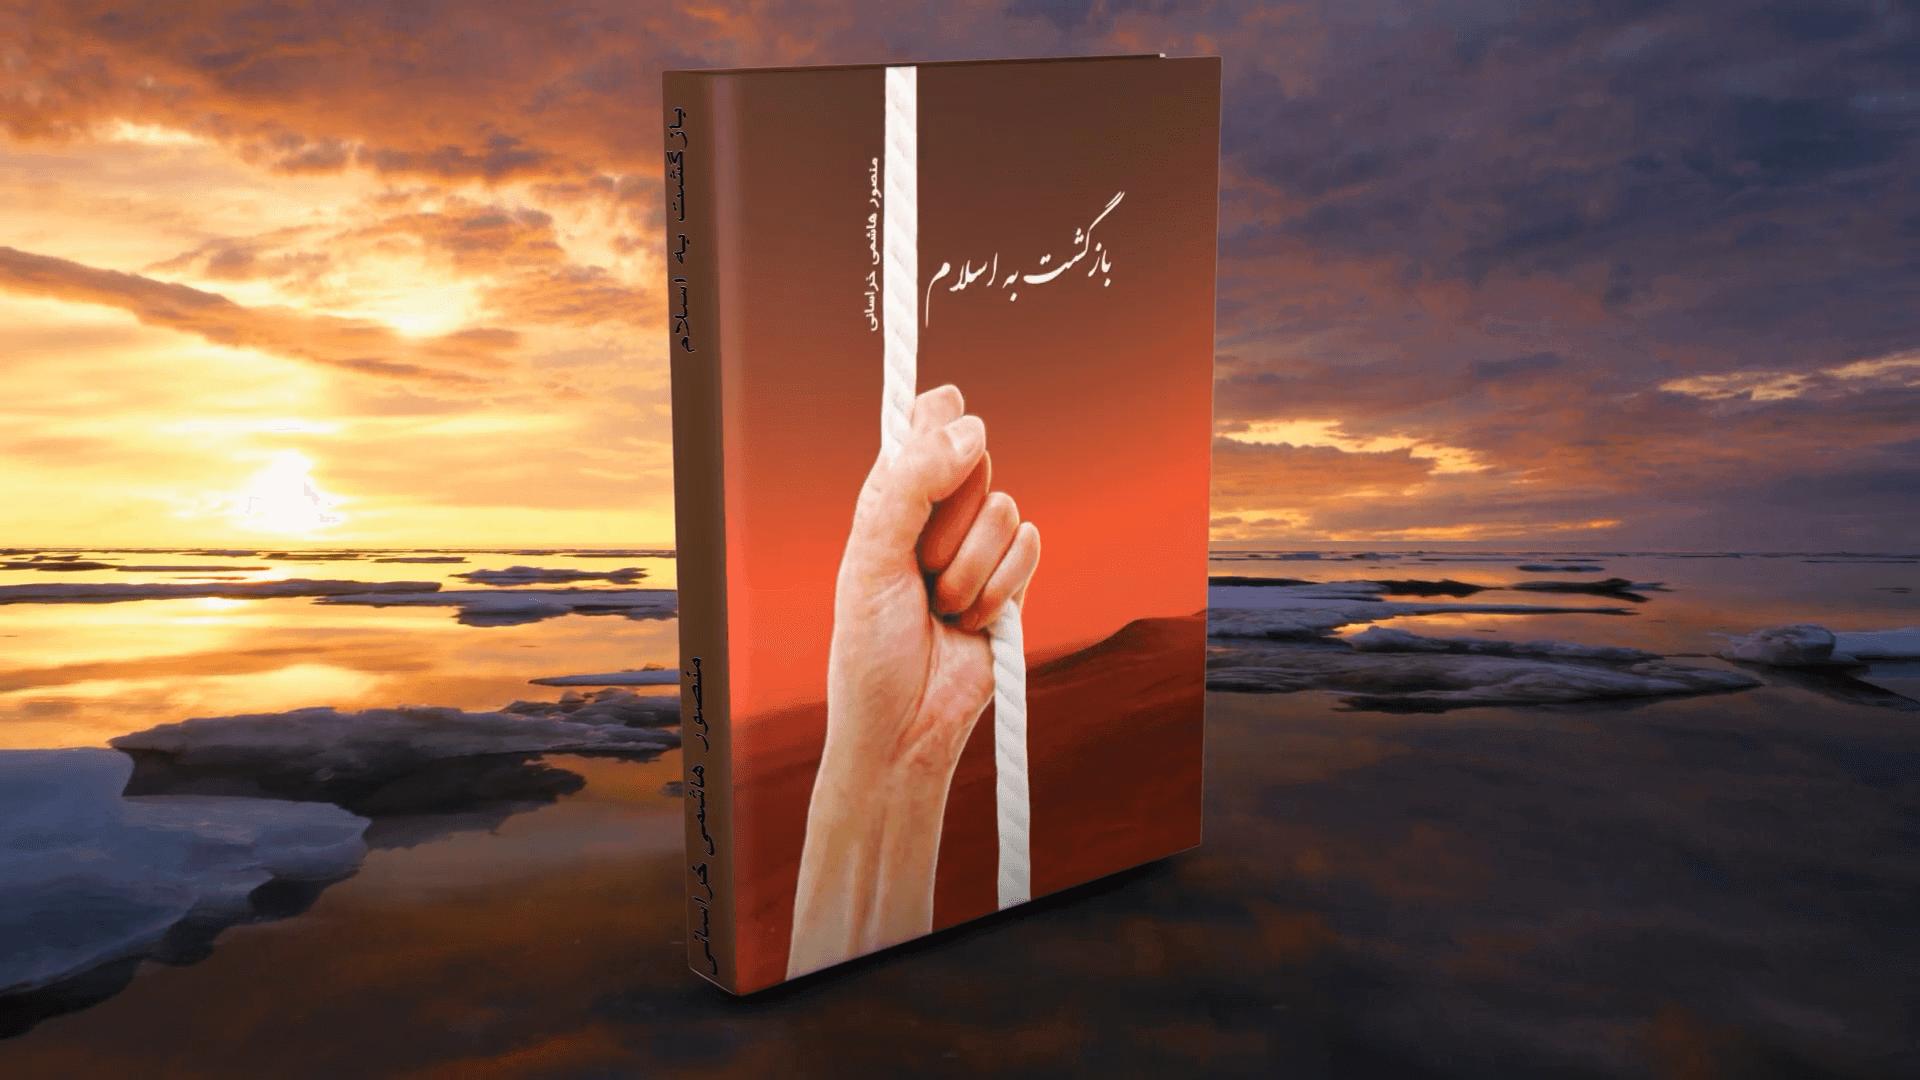 آشنایی با کتاب شریف «بازگشت به اسلام» (1)